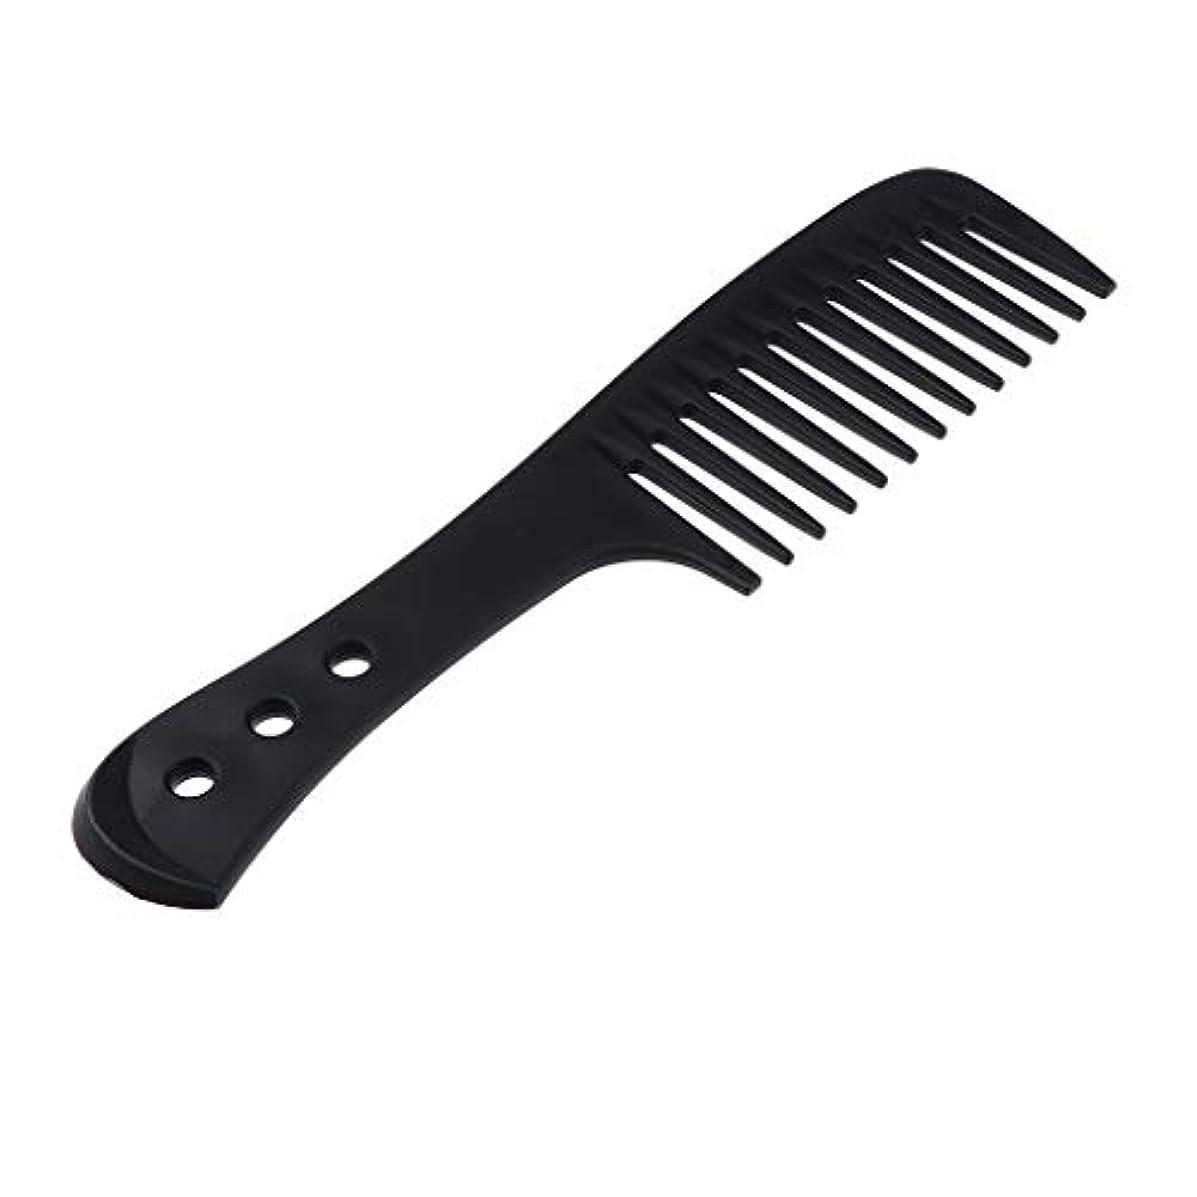 靄テント落ちたワイド歯ブラシ 美容整形 美容整形髪ブラシ 全4色 - ブラック